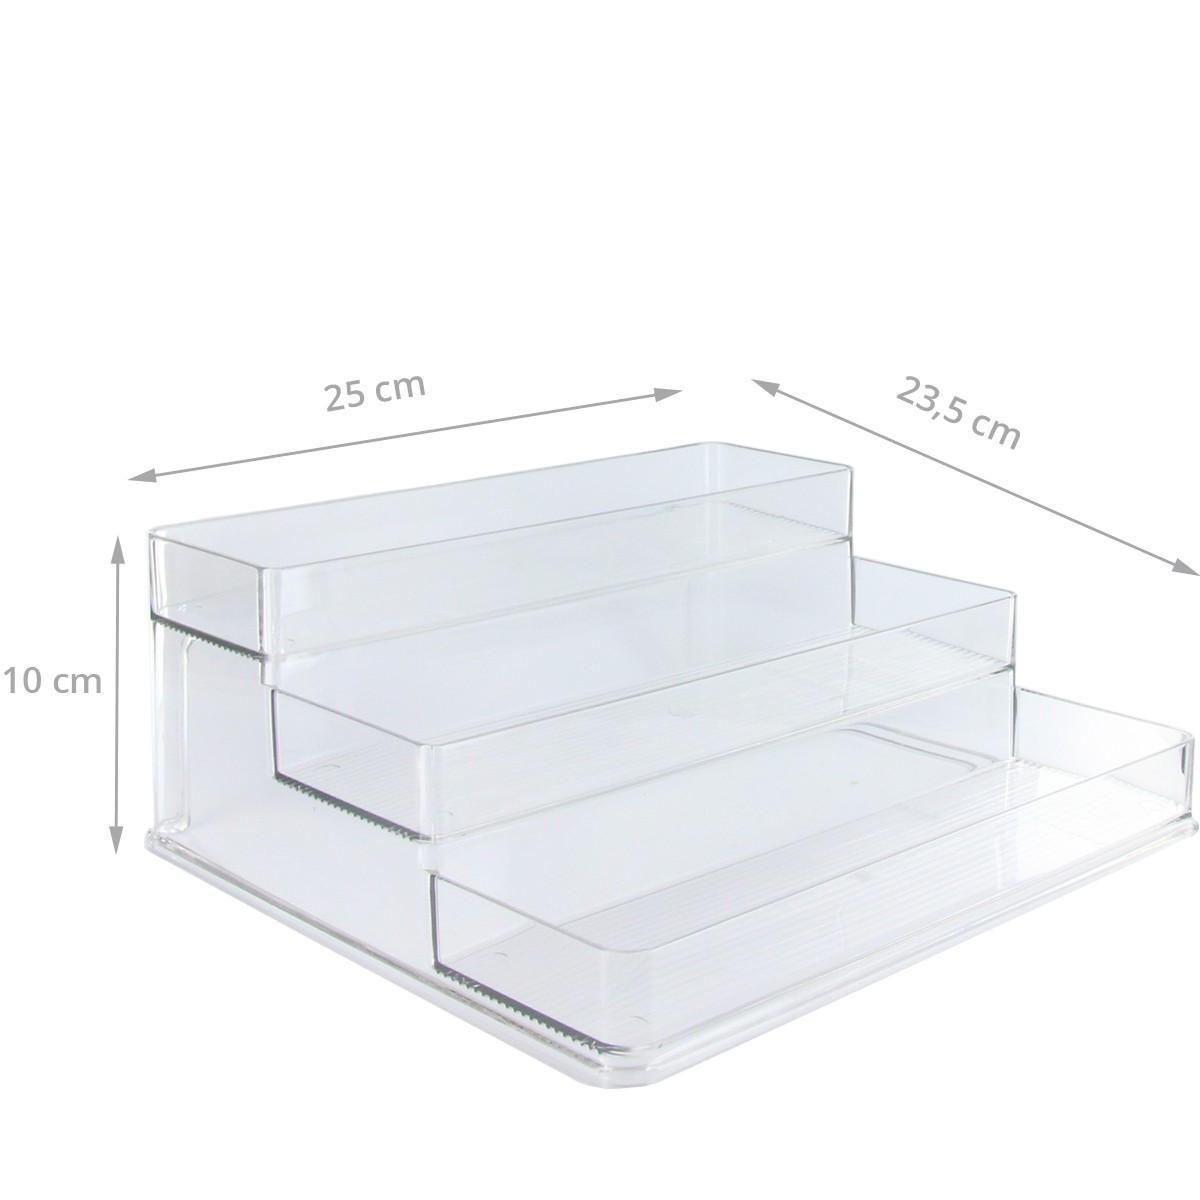 etag re pices rangement cuisine. Black Bedroom Furniture Sets. Home Design Ideas